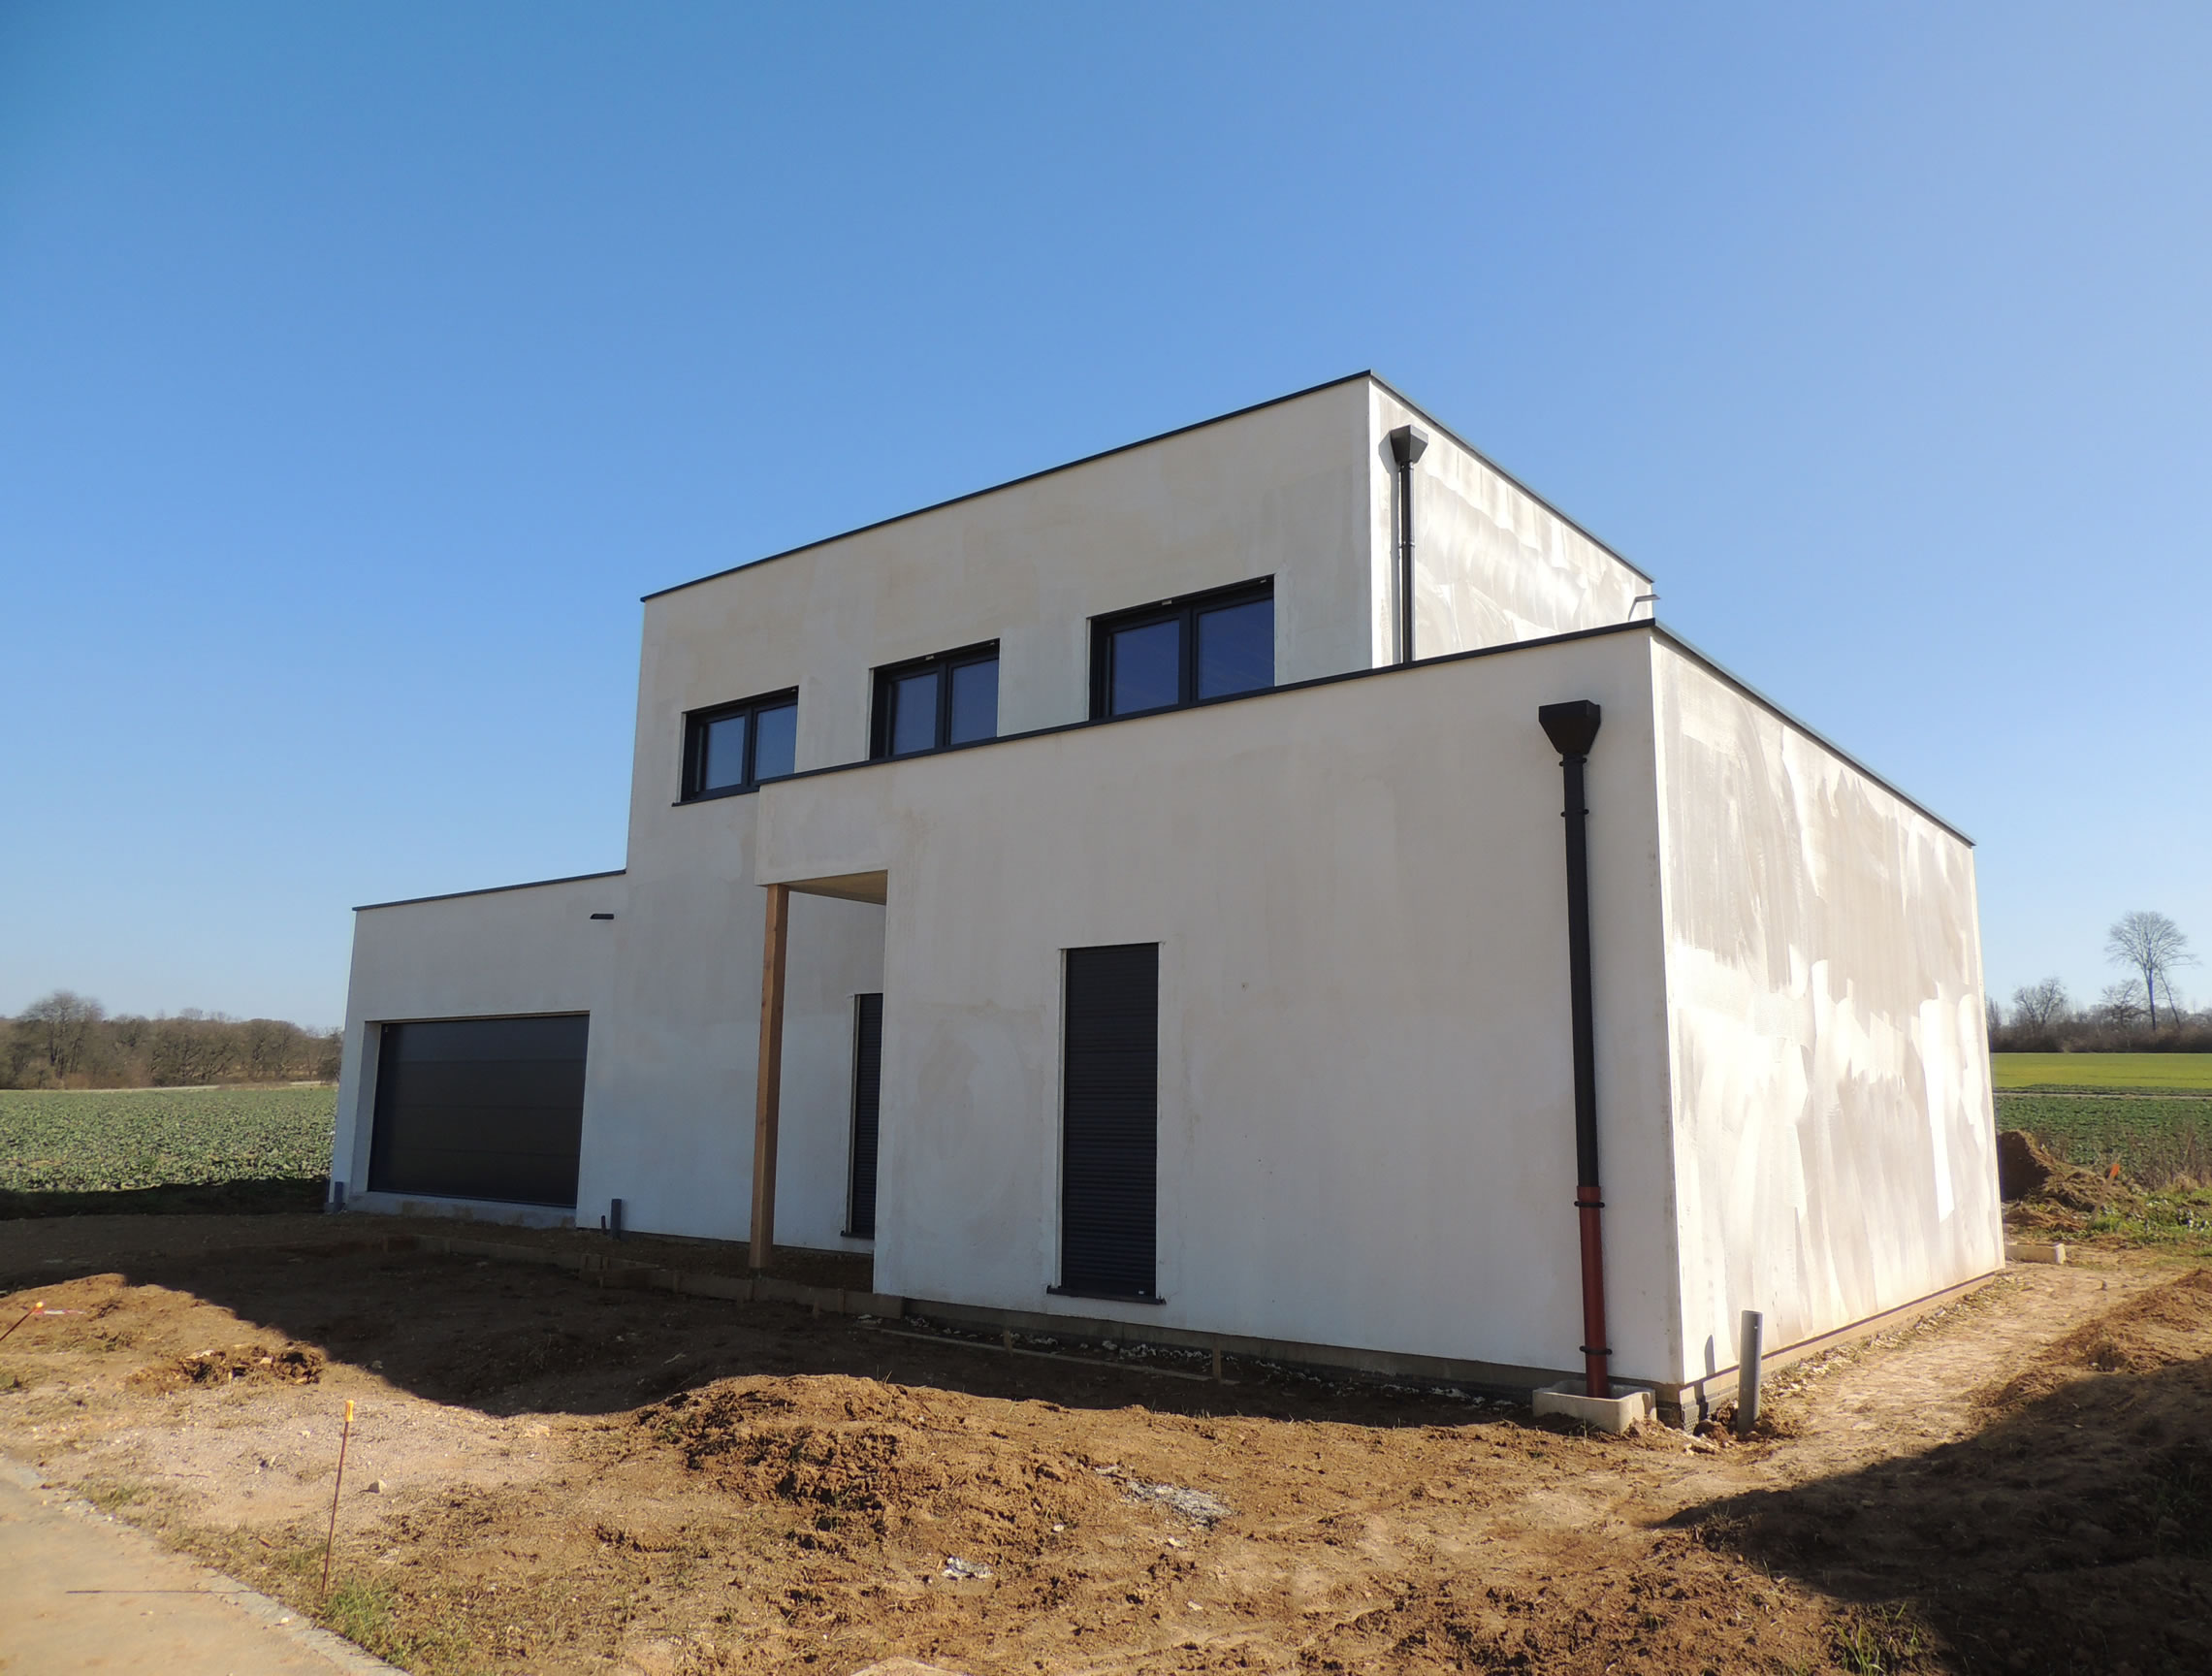 Petite hettange r 1 145m2 maison ossature bois for Petite maison construction